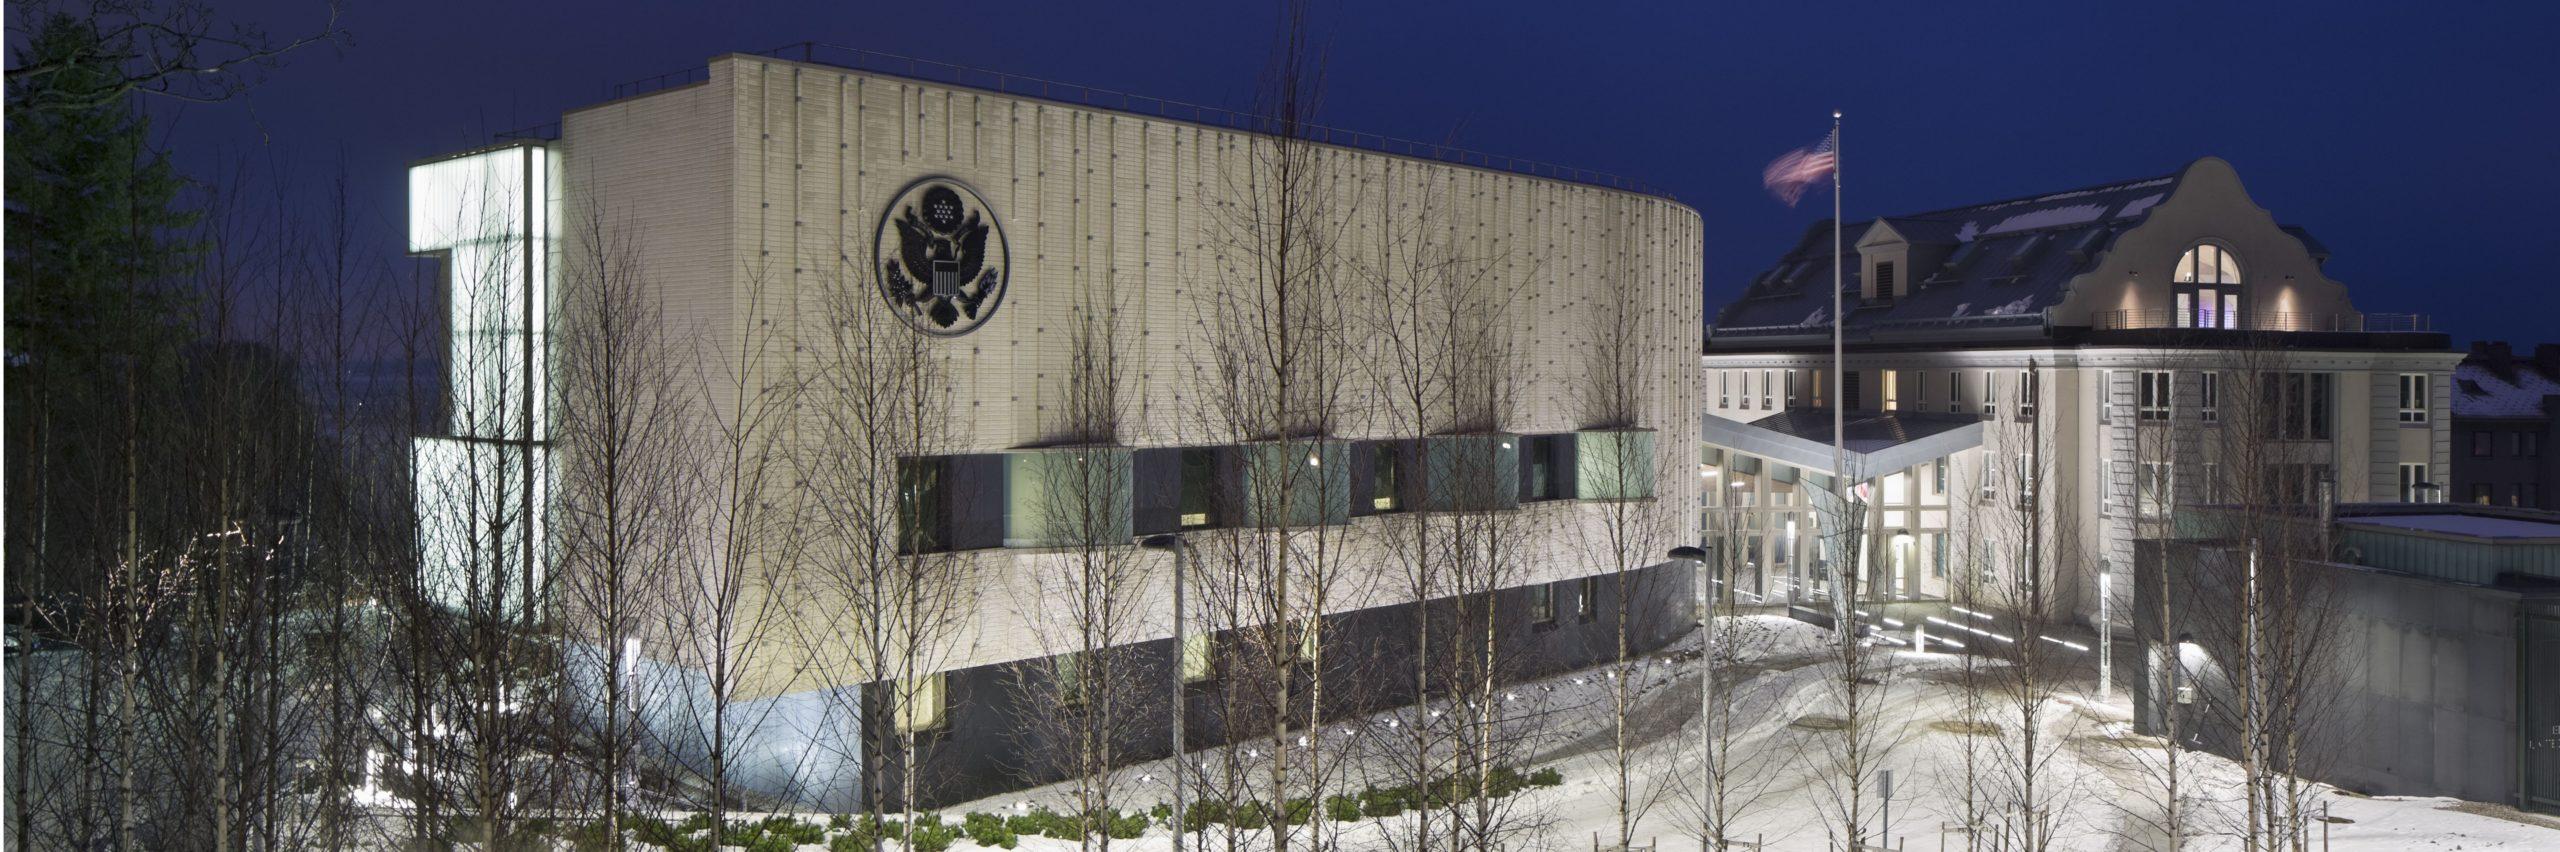 United States Embassy, Helsinki